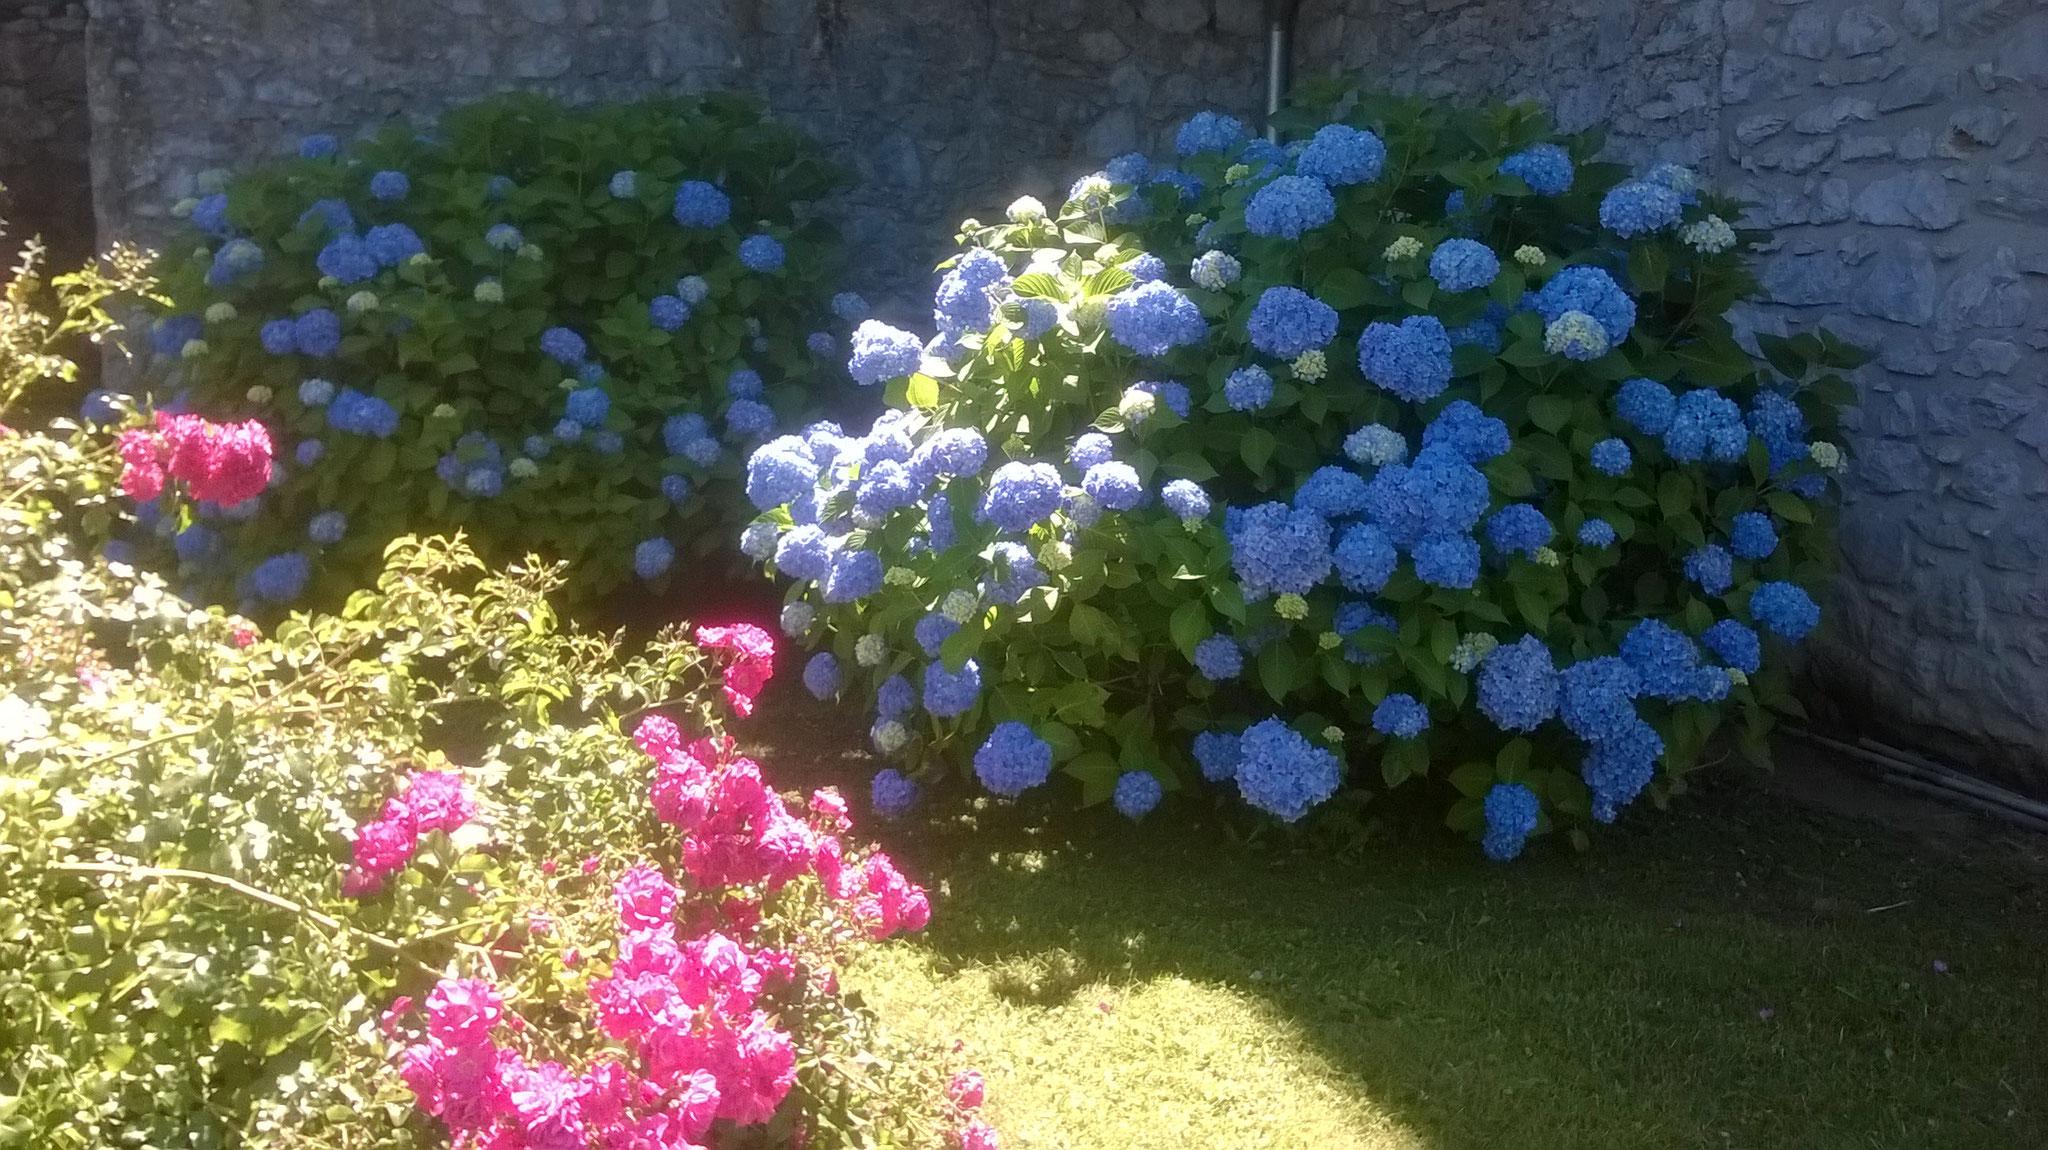 Les hortensias bleus agrémentent les villages